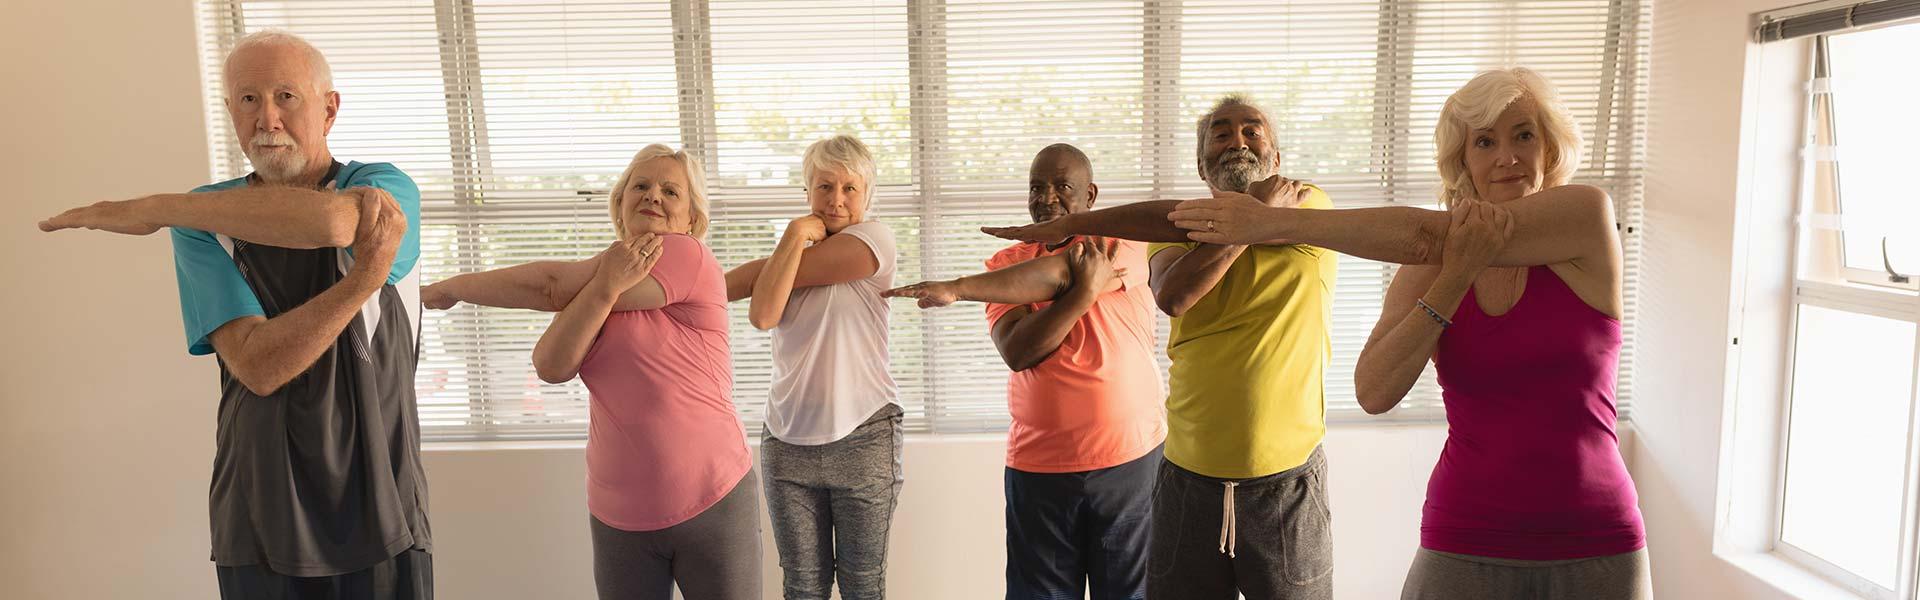 6 aînés à la salle de sport s'étirant le bras tous ensemble